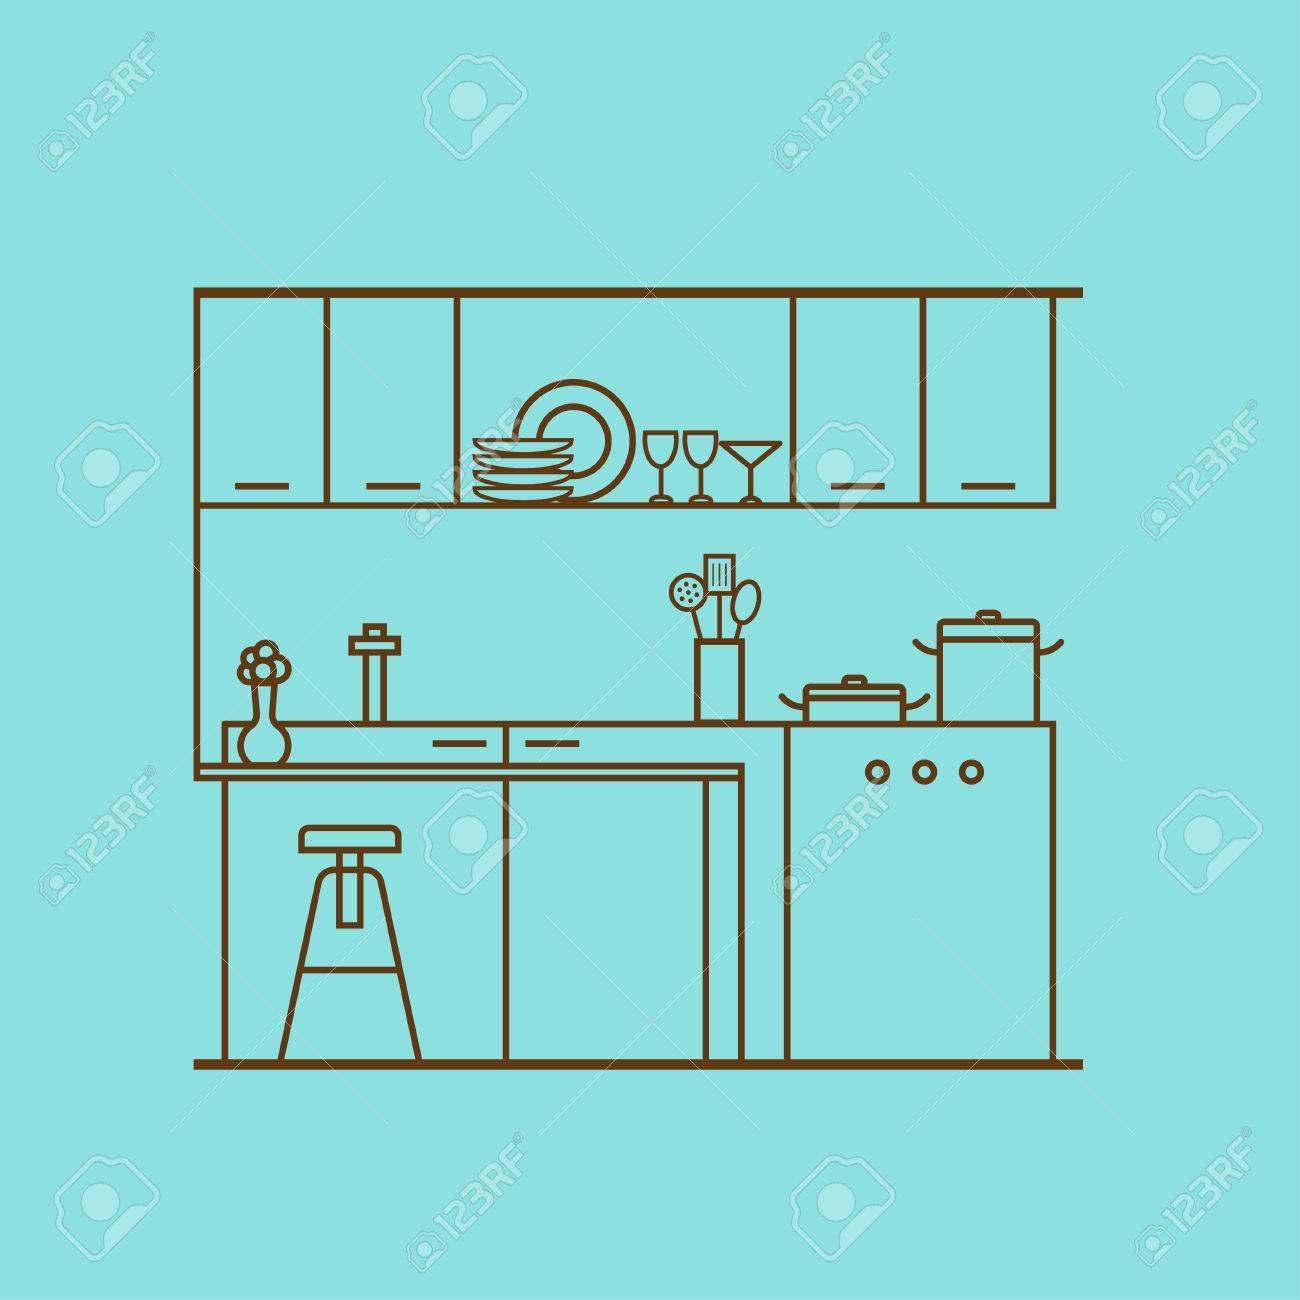 Innenarchitektur Der Küche. Vektor Konzept Der Modernen Küche Mit ...